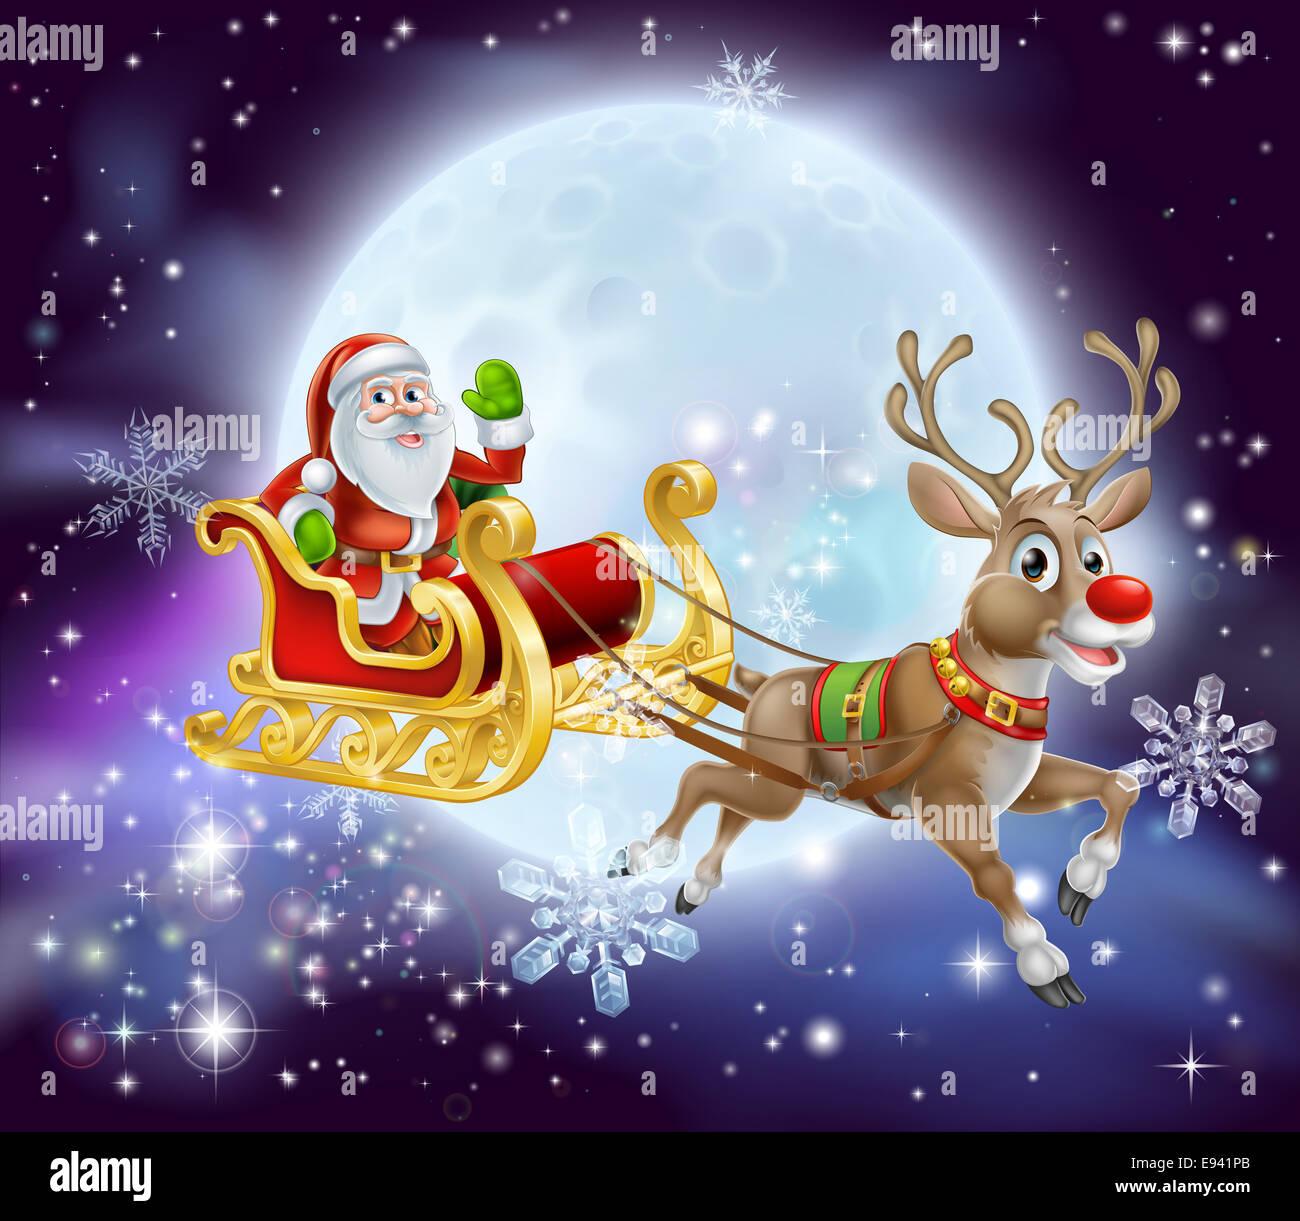 Imagenes De Papa Noel Animado.Ilustracion De Dibujos Animados De Navidad De Papa Noel En